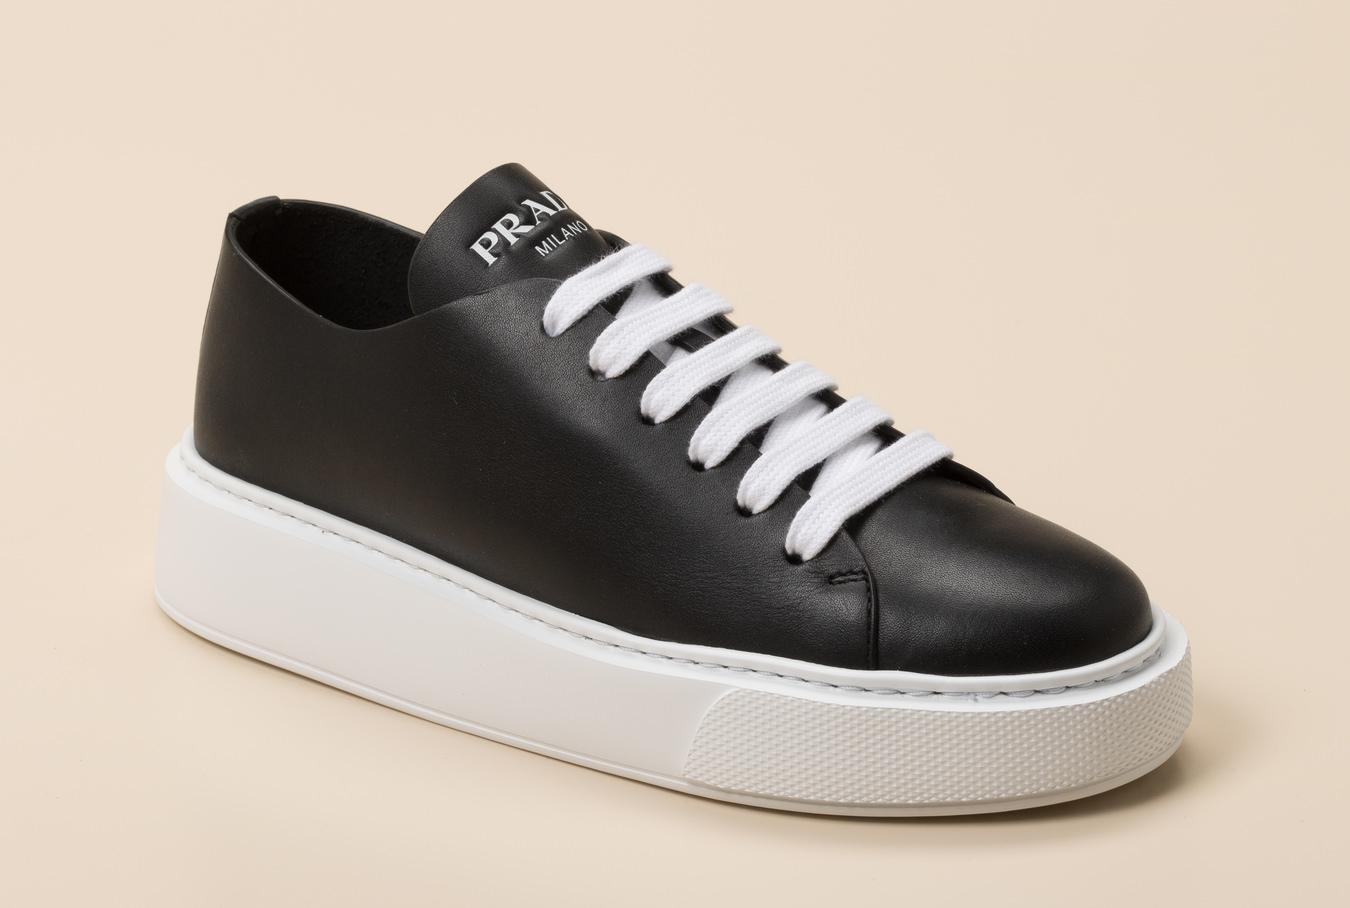 Prada Damen Sneaker in schwarz kaufen | Zumnorde Online Shop